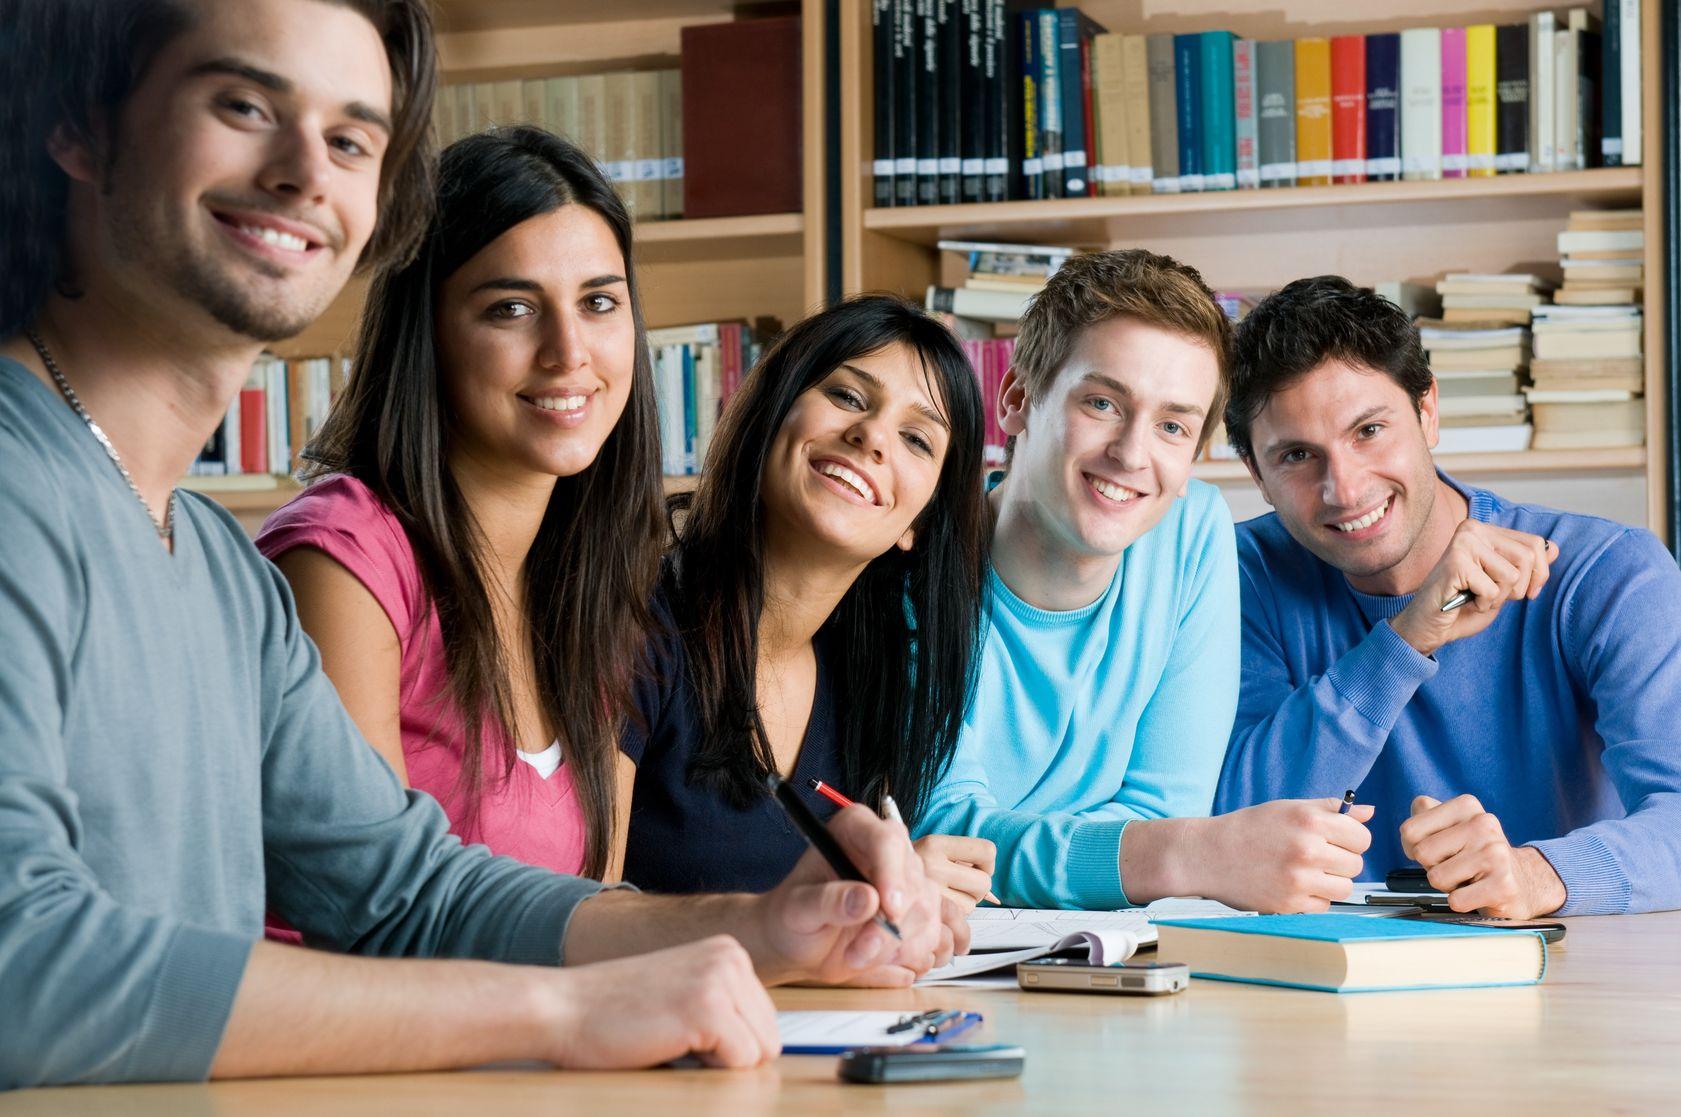 اکانت دانشگاهی - دسترسی به سایت های علمی